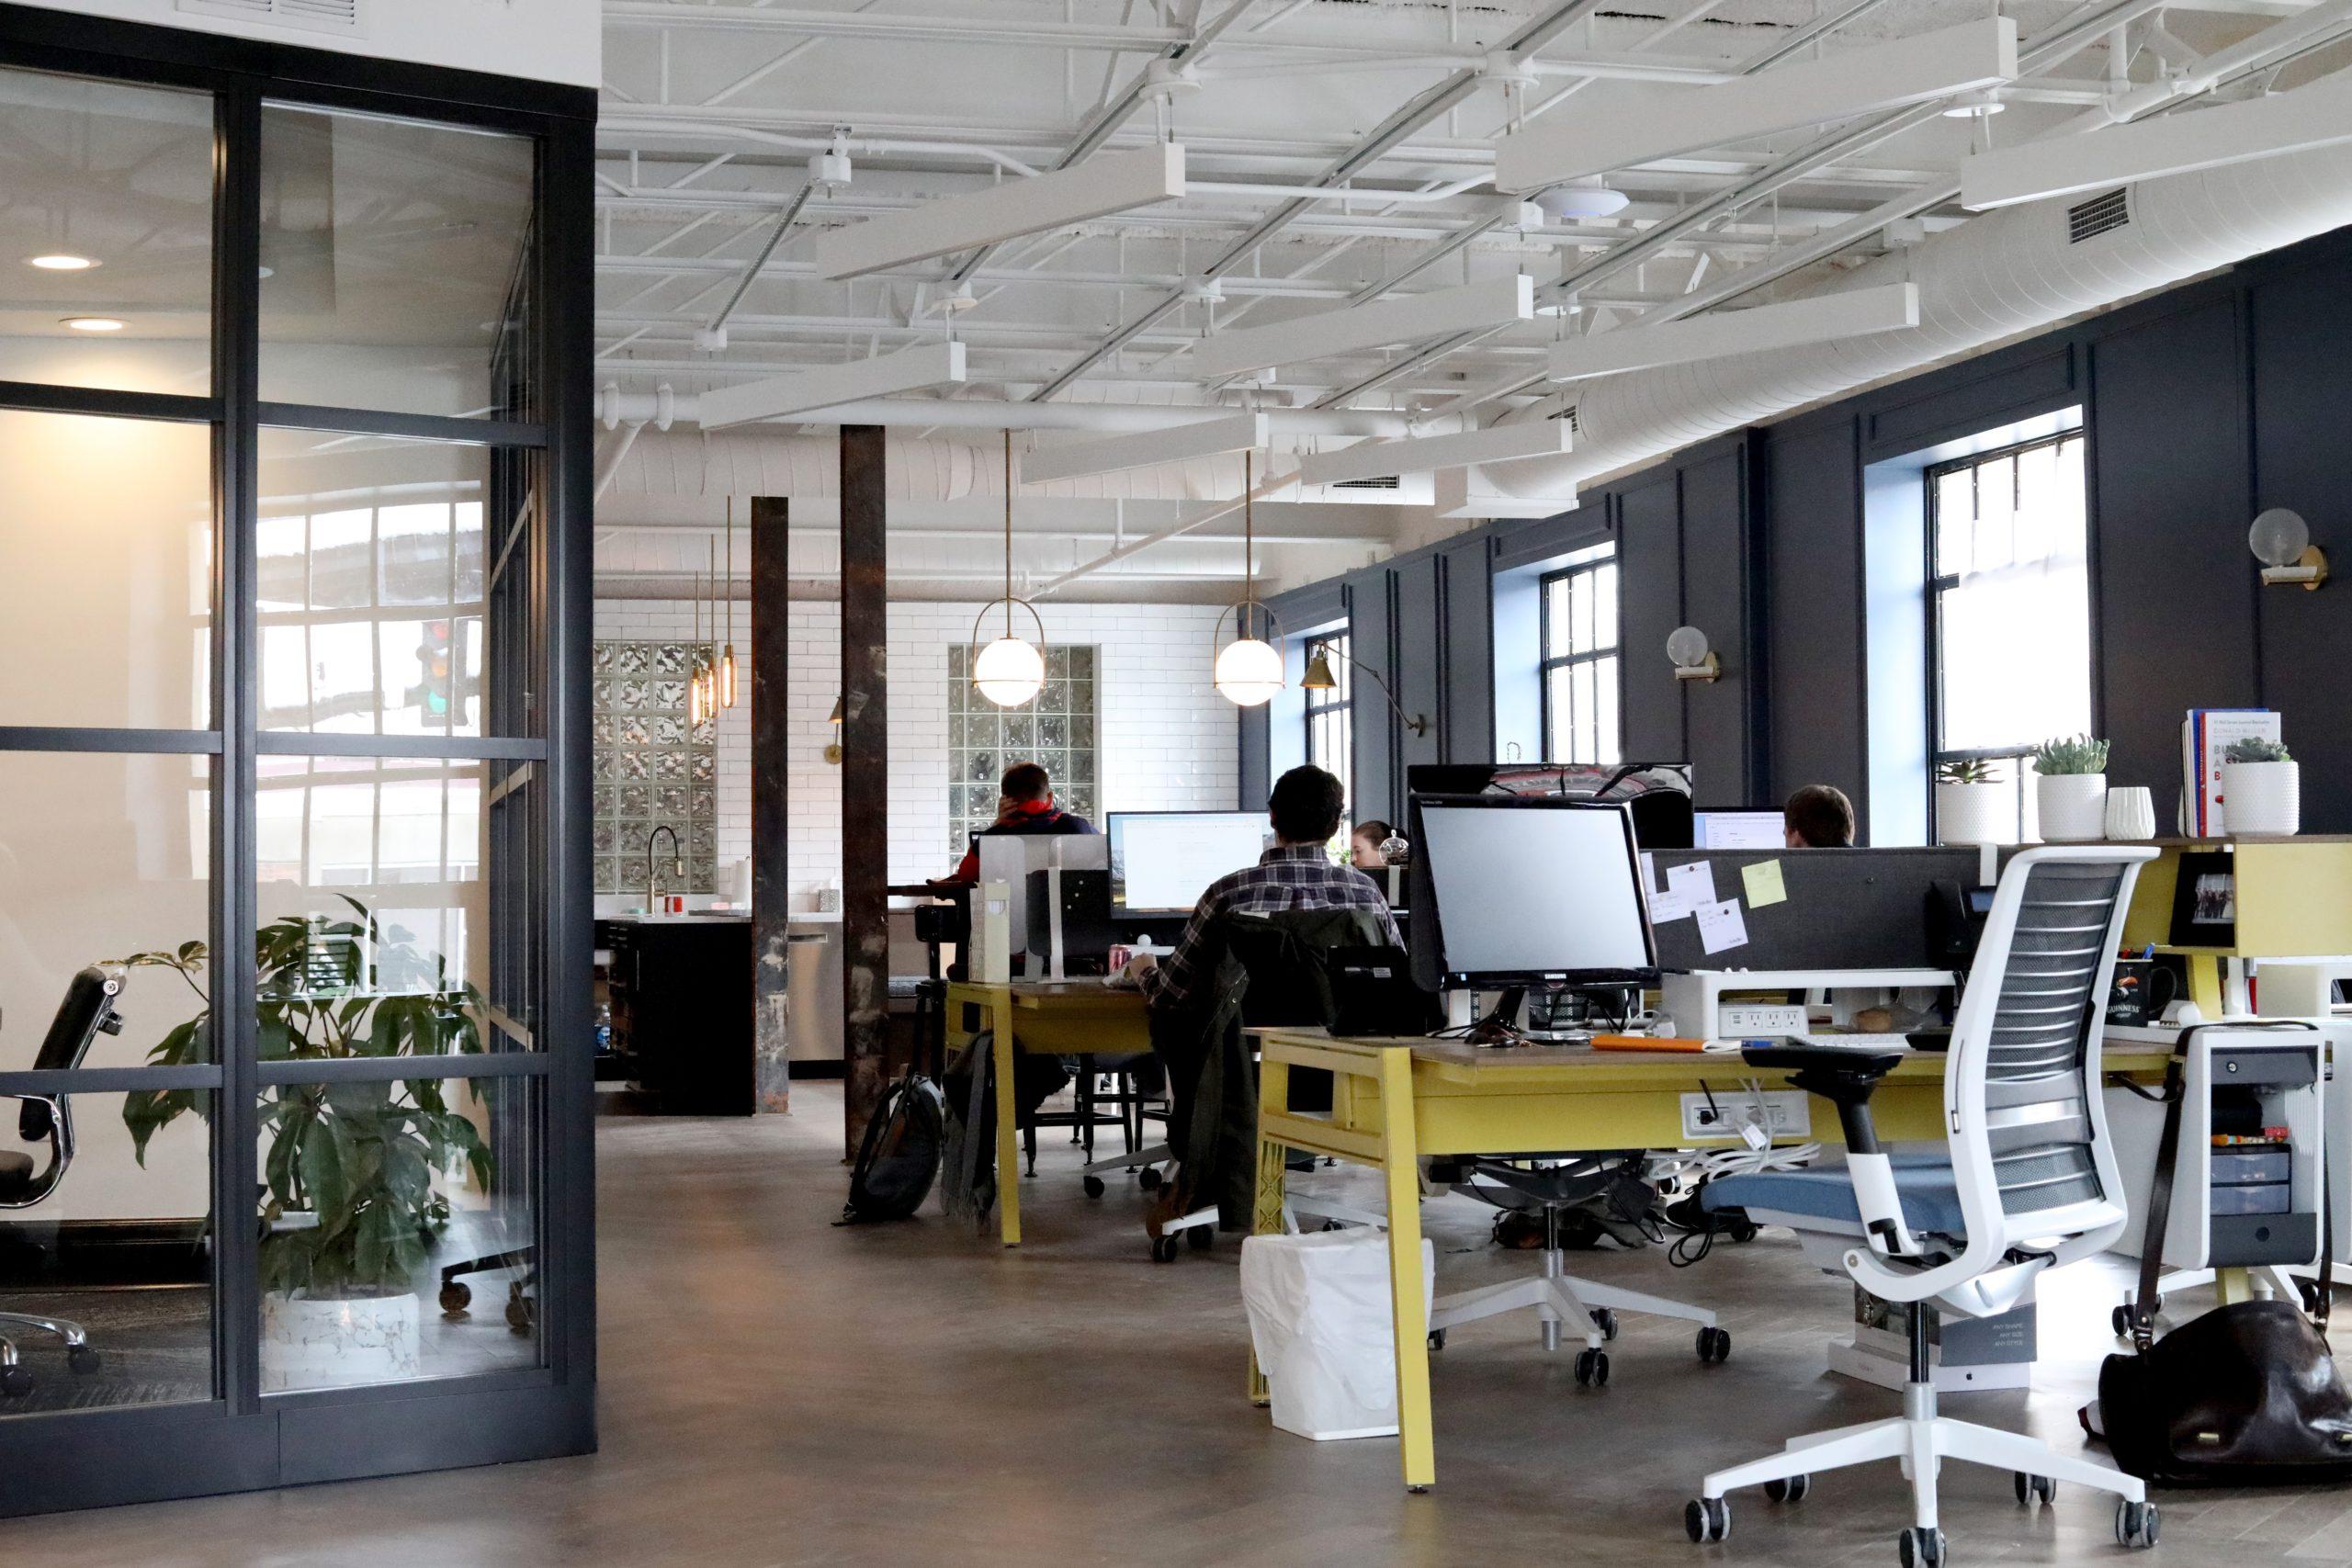 개방형 사무실은 오히려 생산성을 감소시킨다